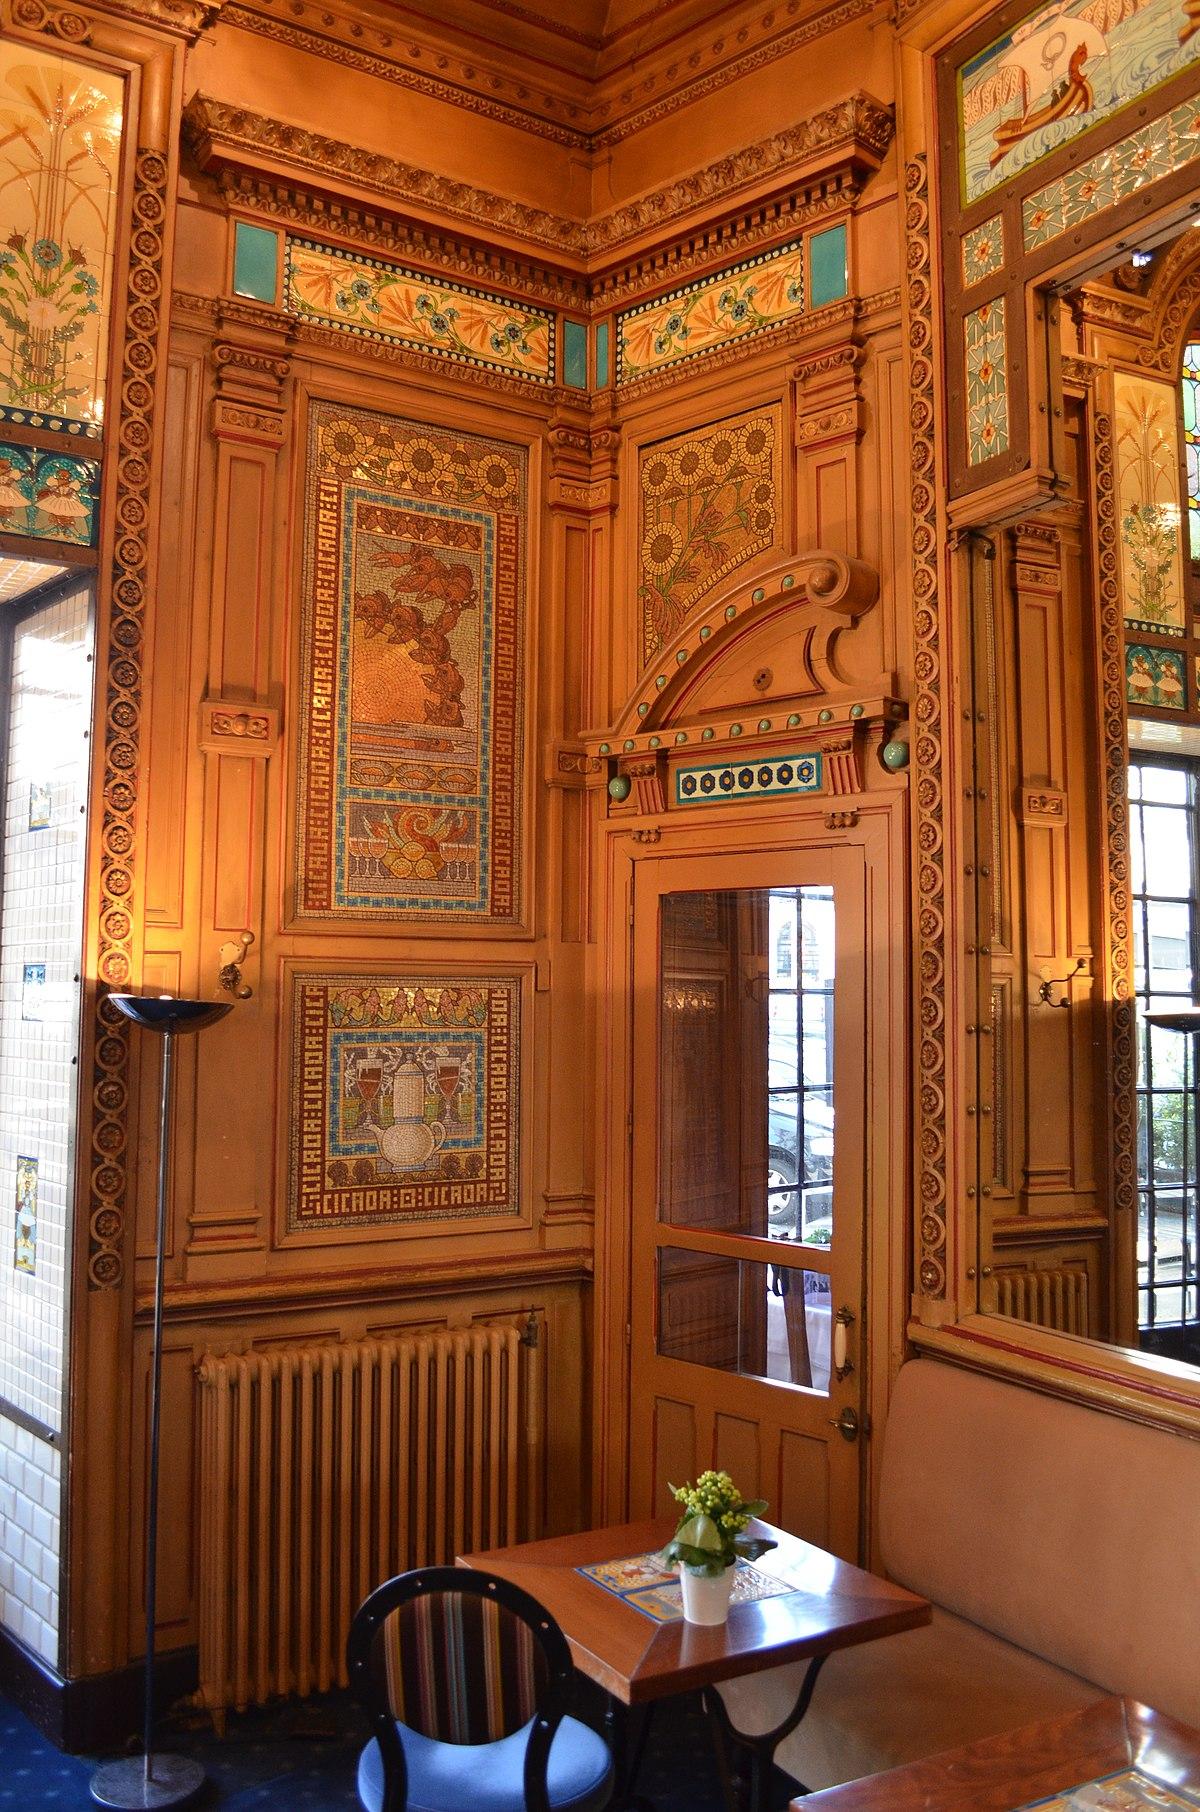 File:Restaurant La Cigale - déco intérieure Art Nouveau ...